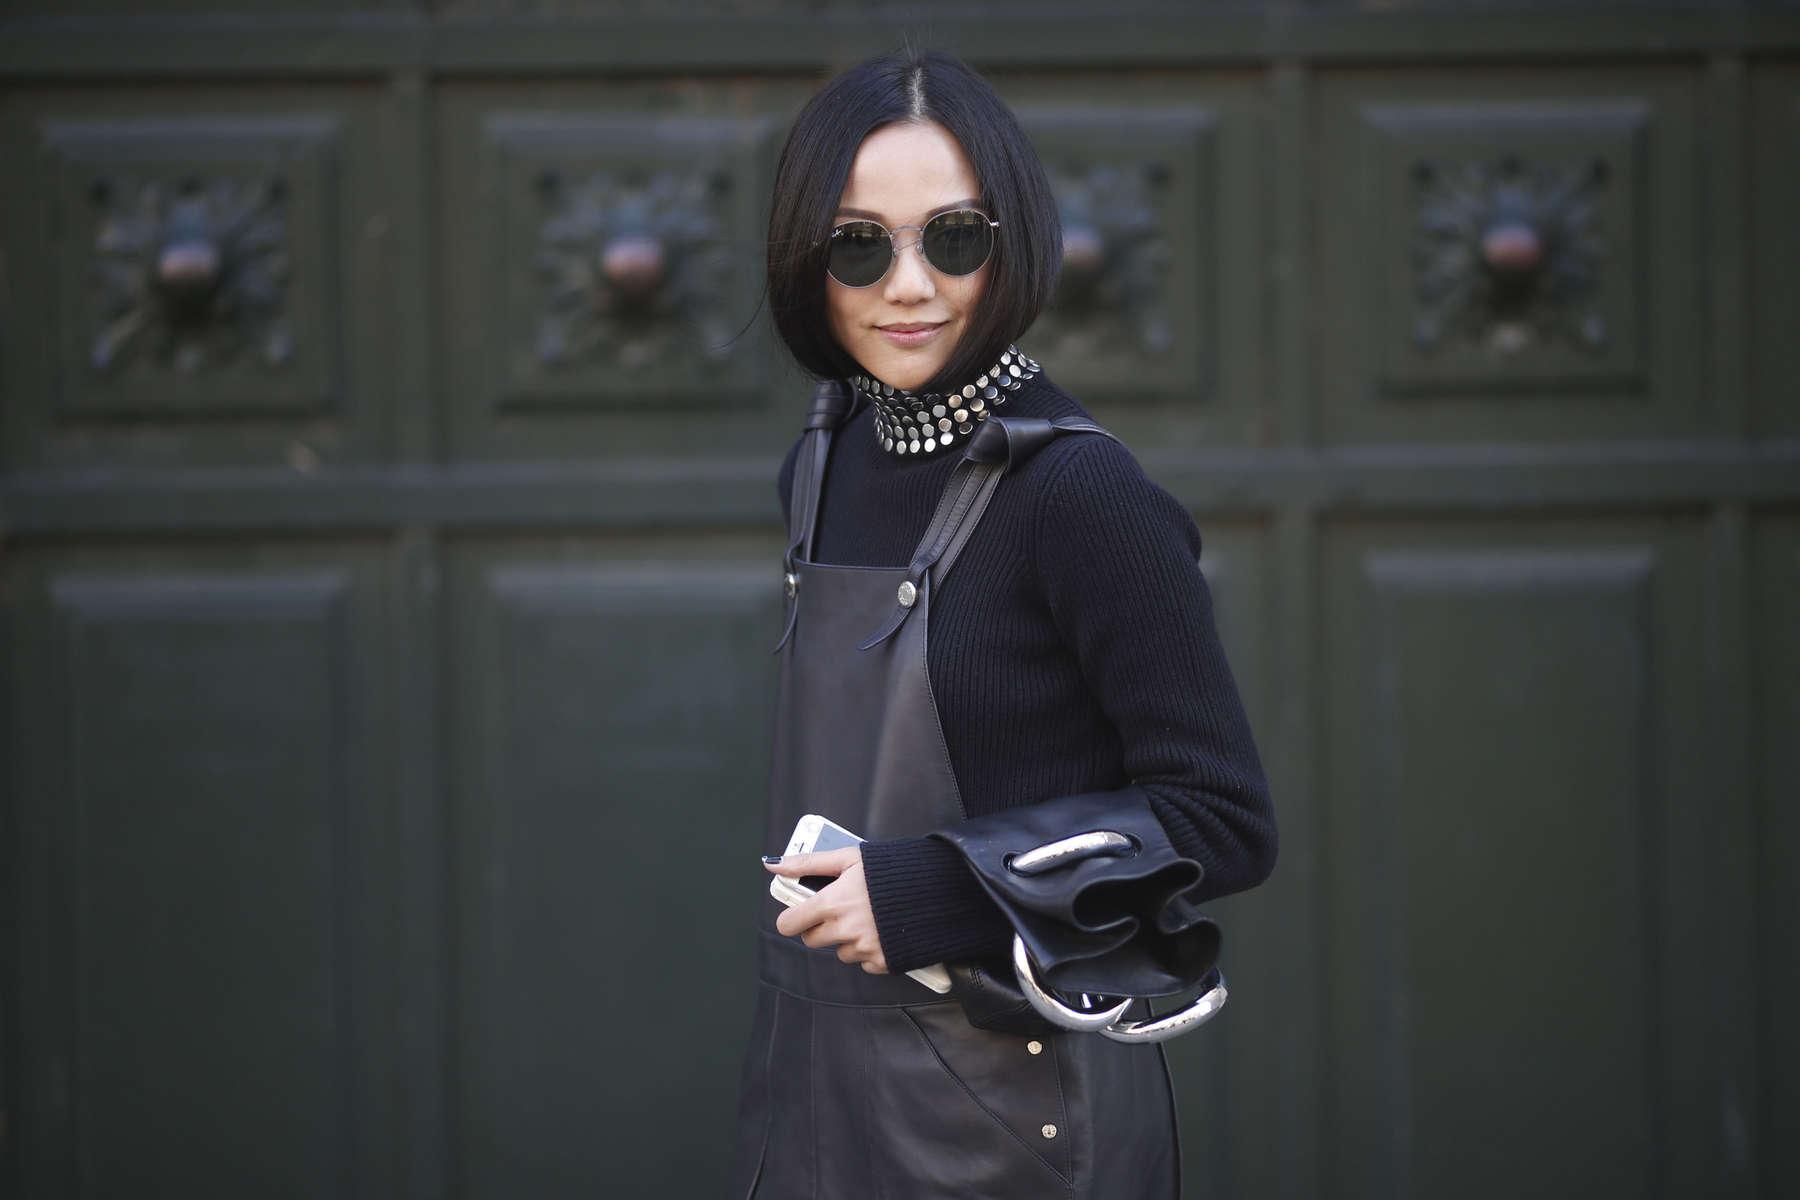 Yoyo Cau - Paris Fashion Week, March 2016